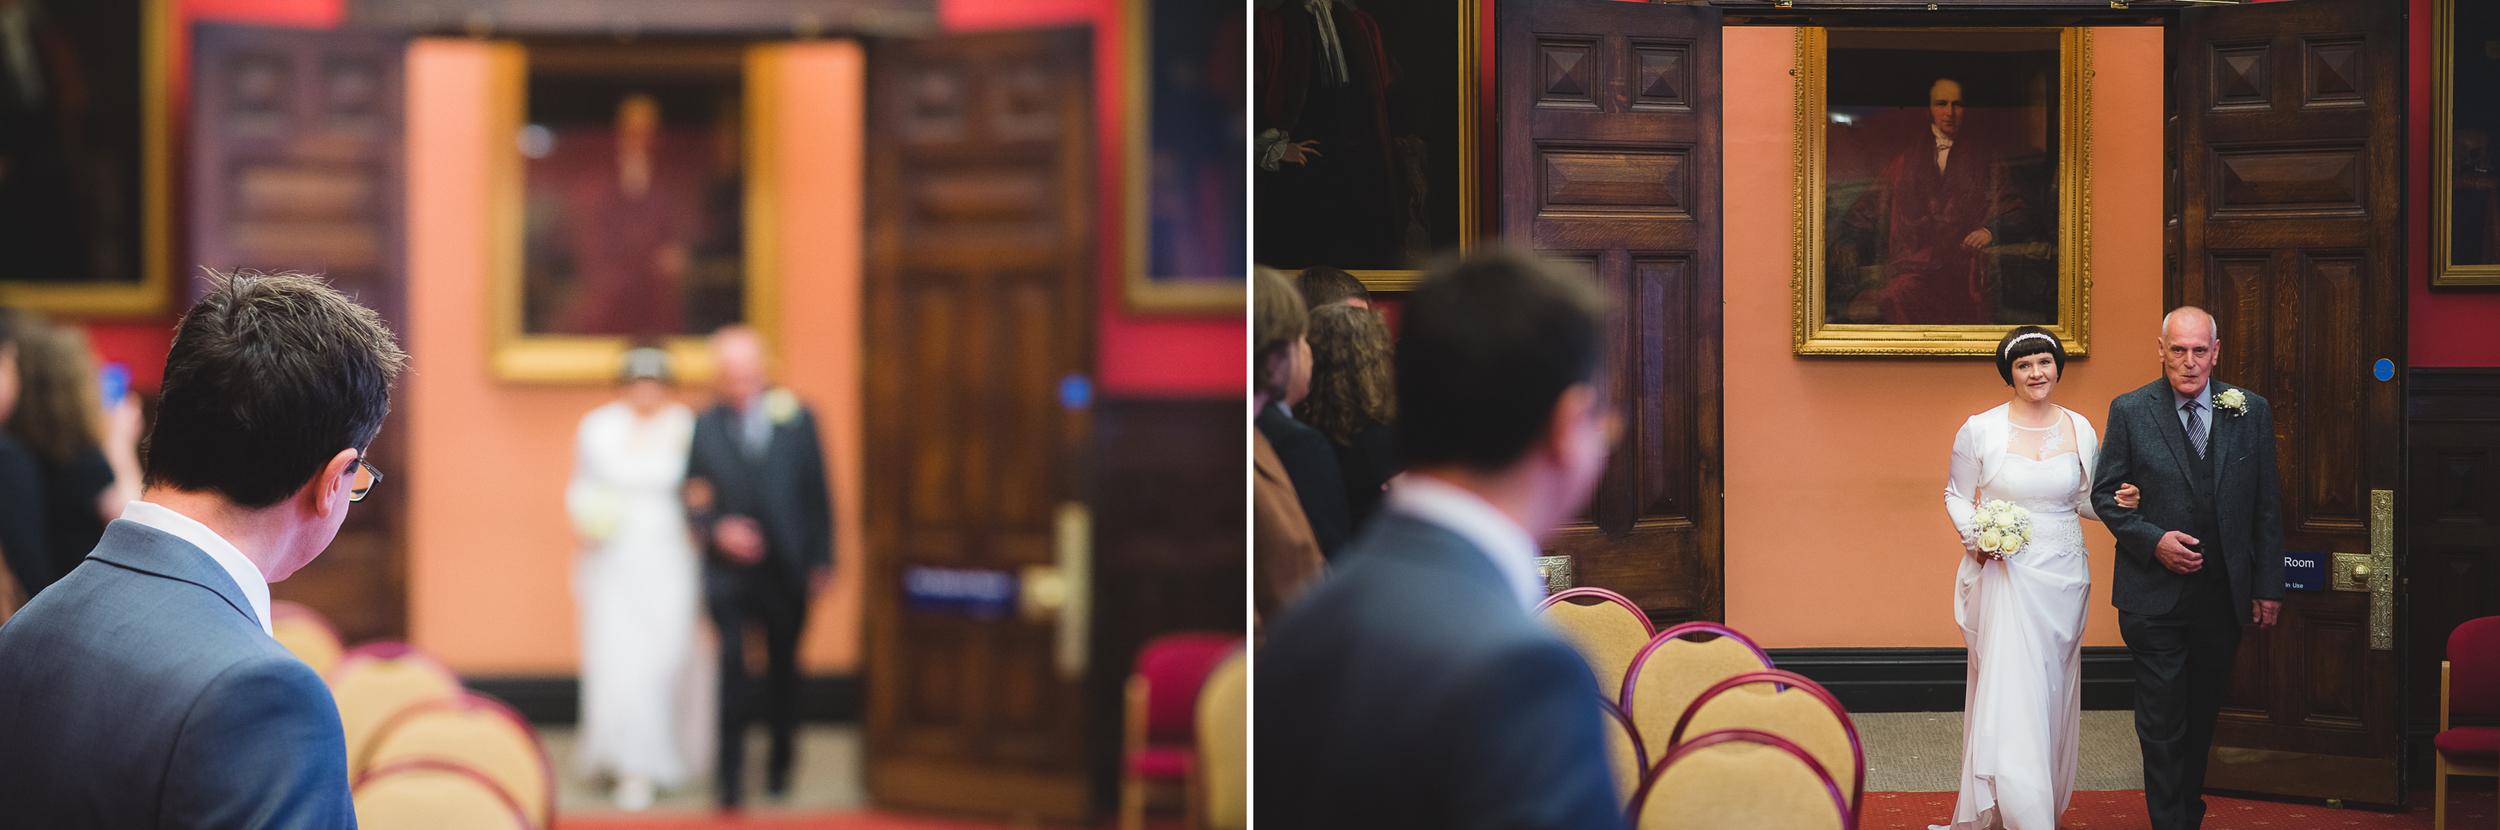 wedding ceremony at bristol registry office